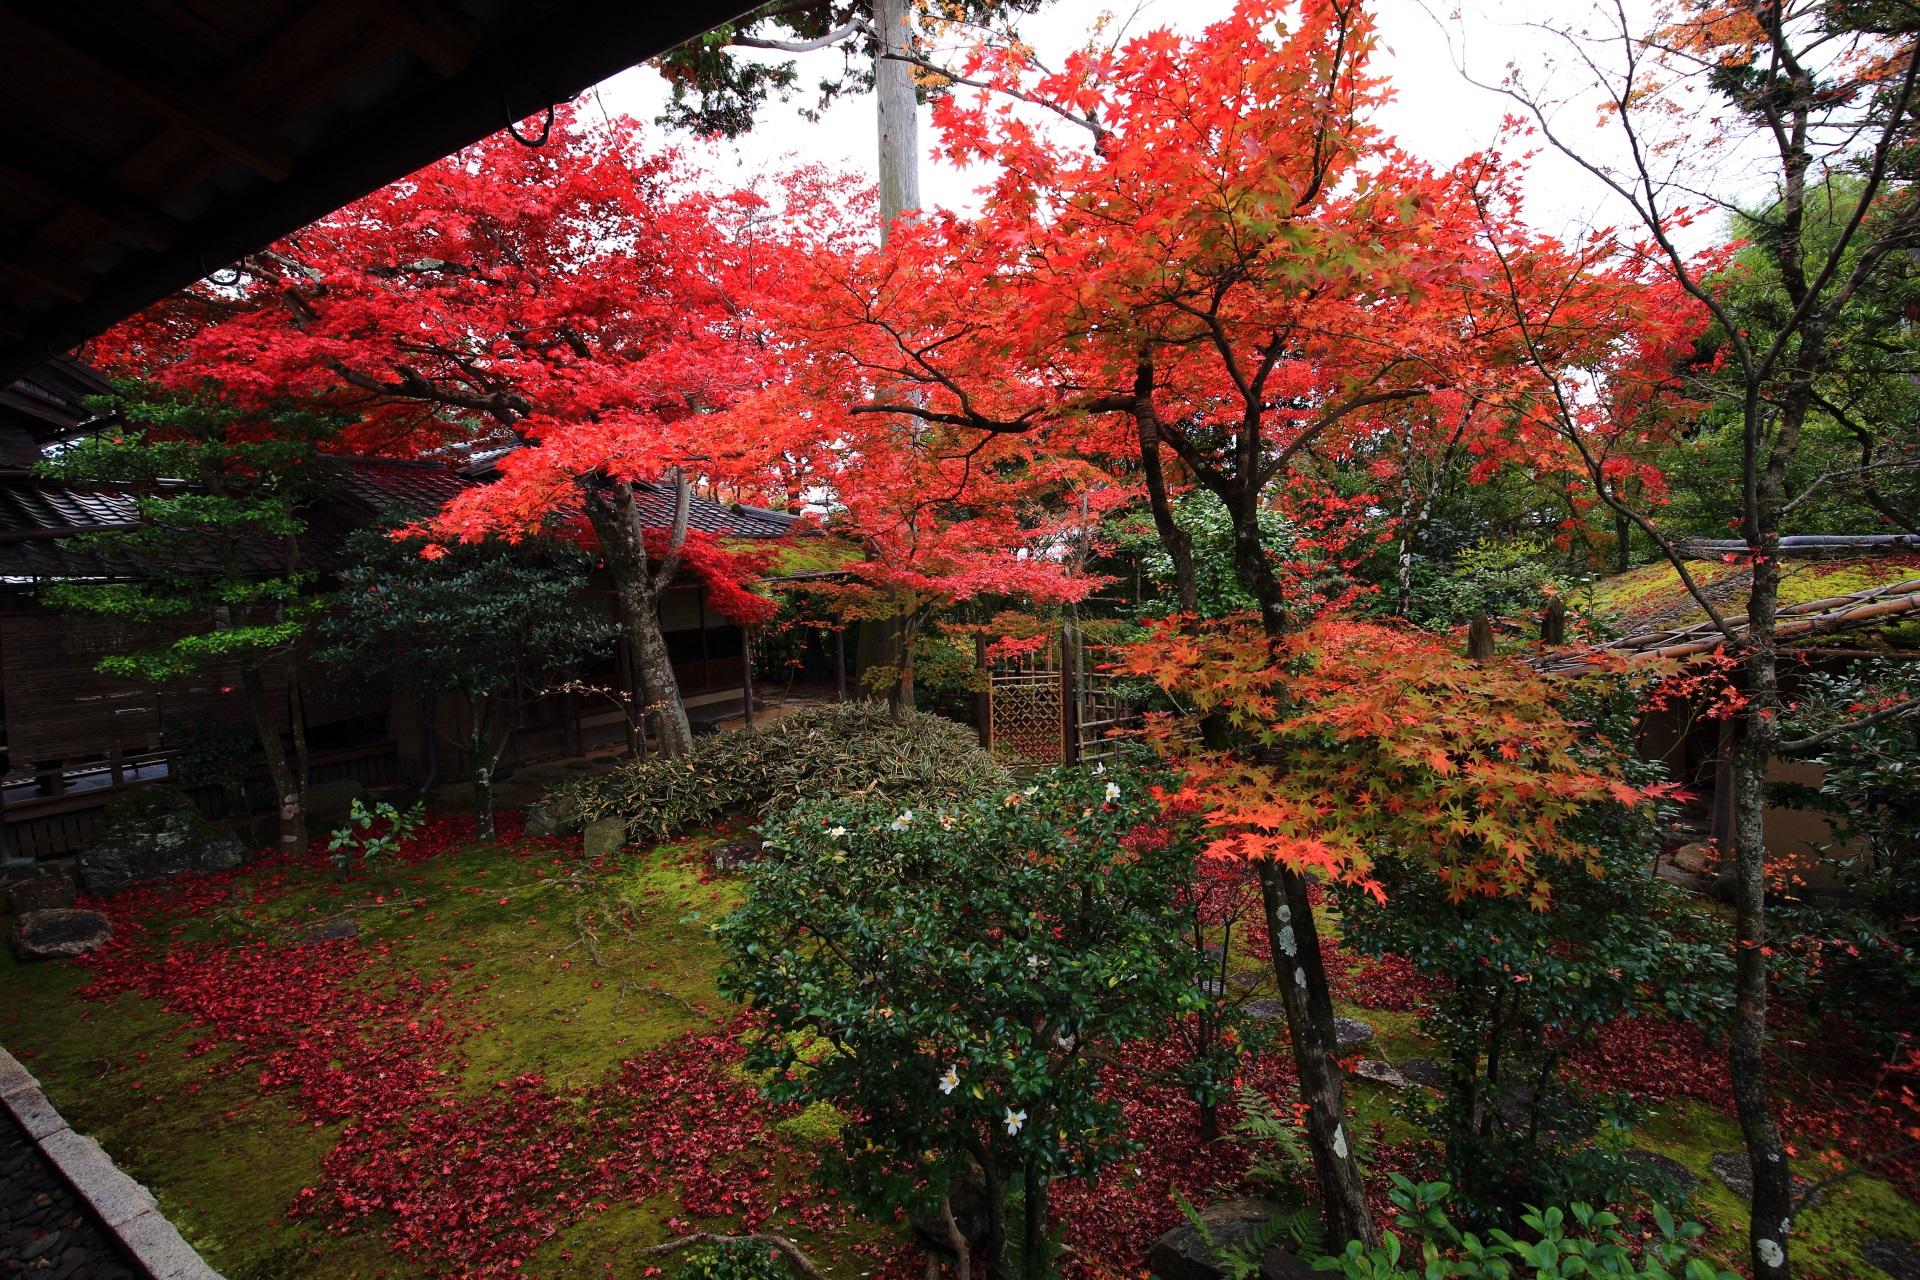 大法院のお茶の庭園を華やぐ多彩な紅葉と散りもみじ